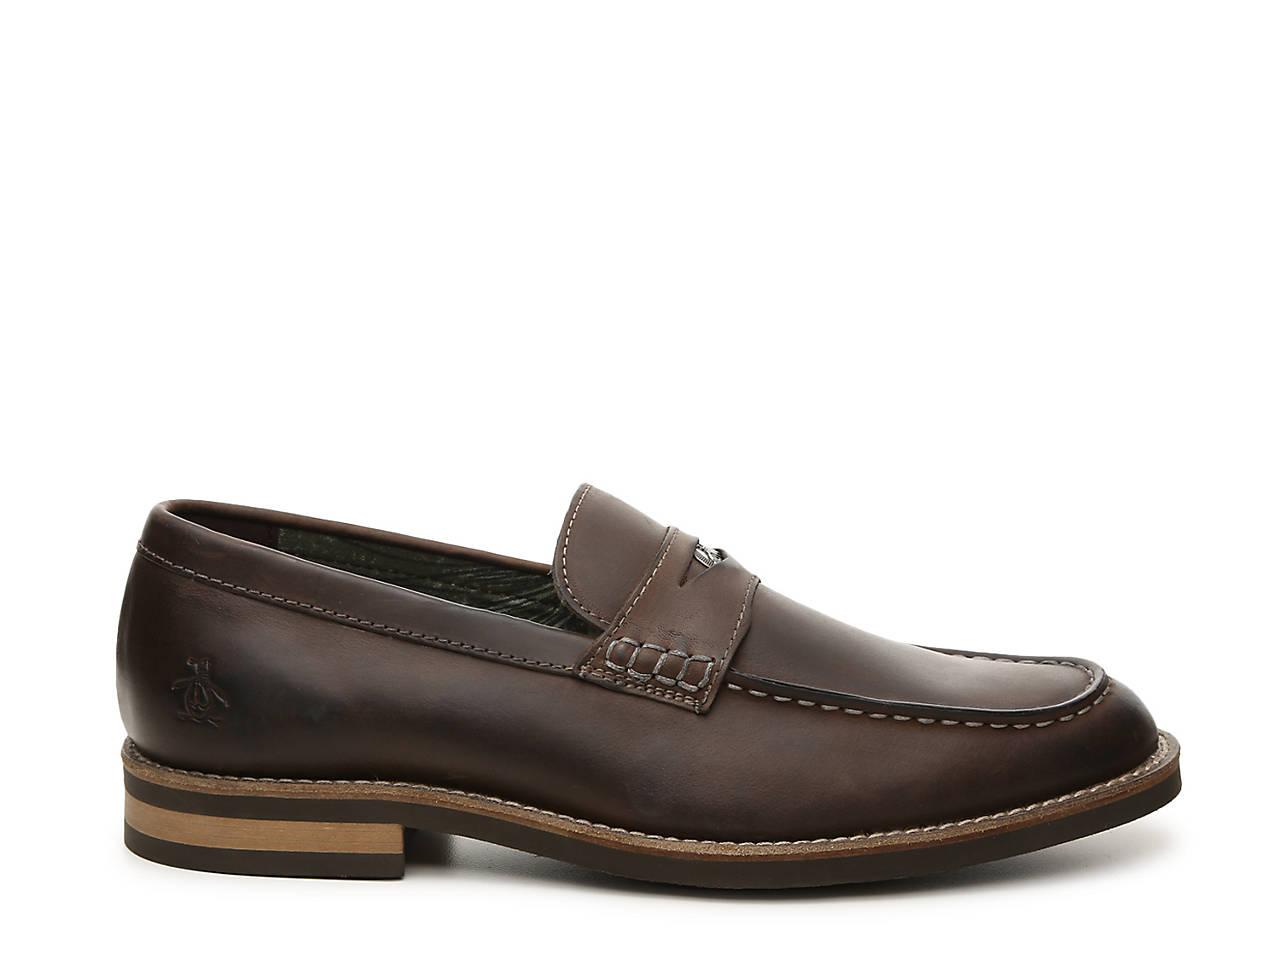 45ba4a39bde Original Penguin Benson Penny Loafer Men s Shoes